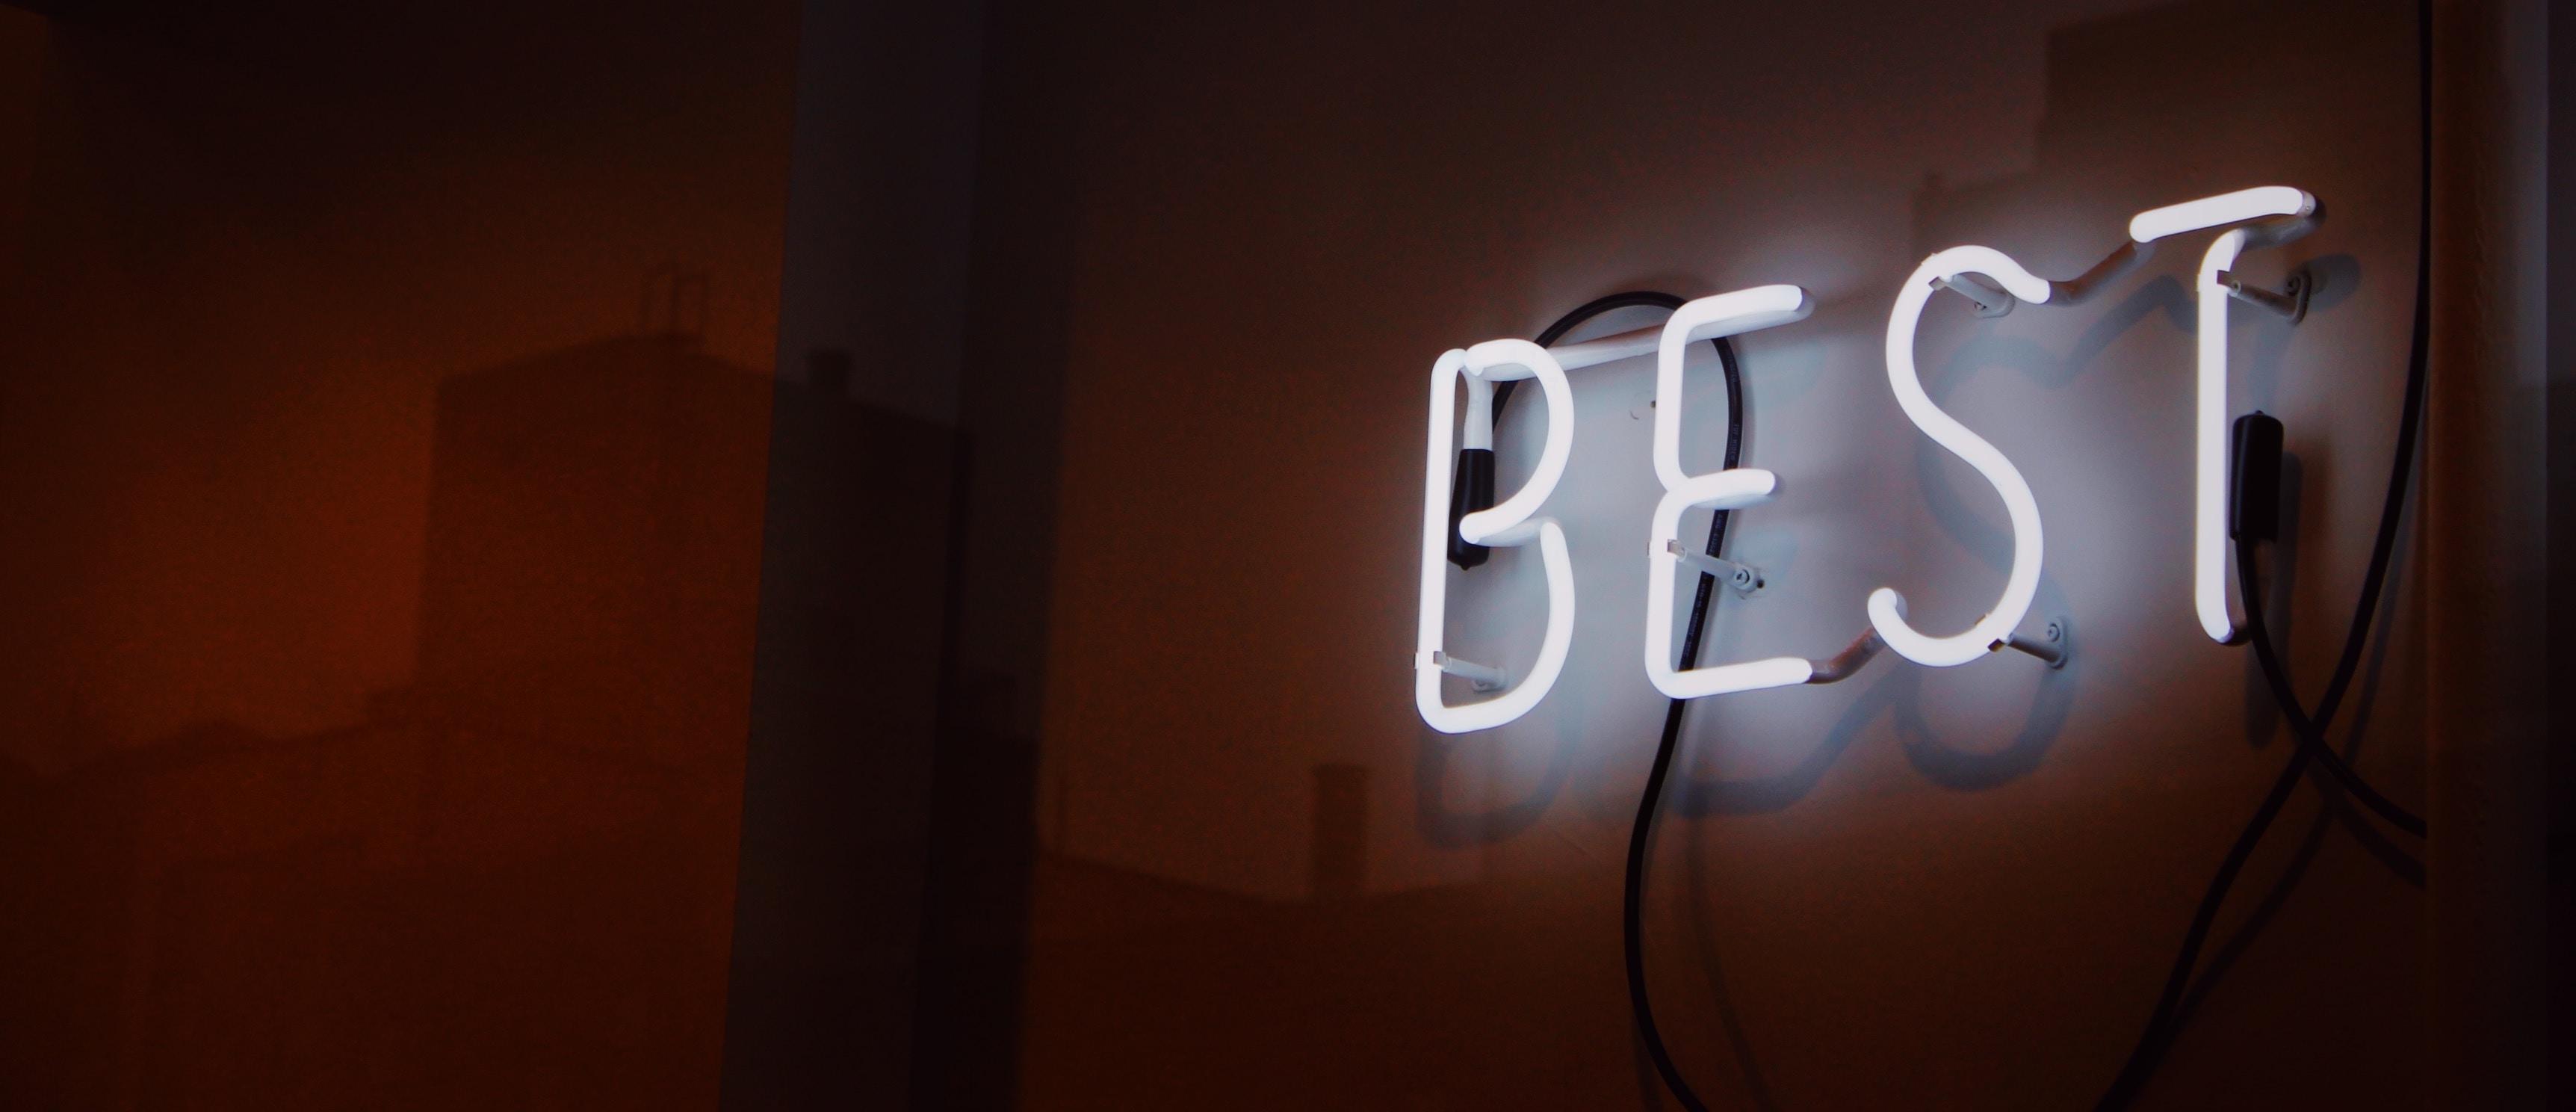 """""""Best"""" written with neon"""